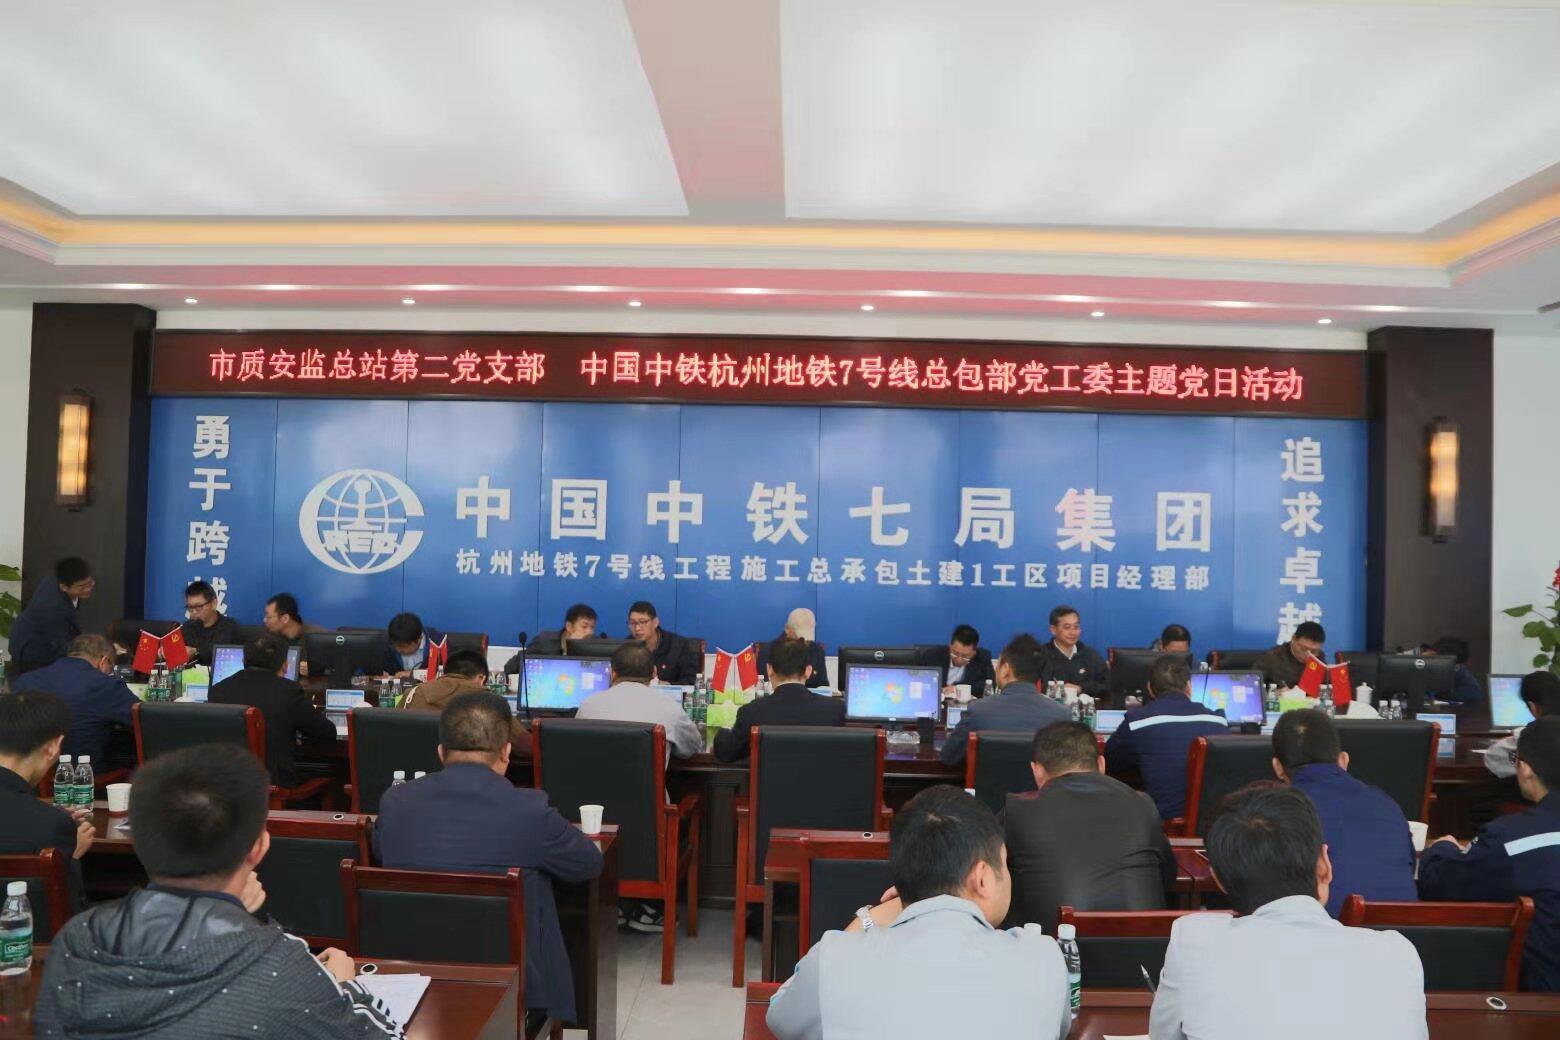 党建联创互学 共同助力杭州地铁建设――浙江在线